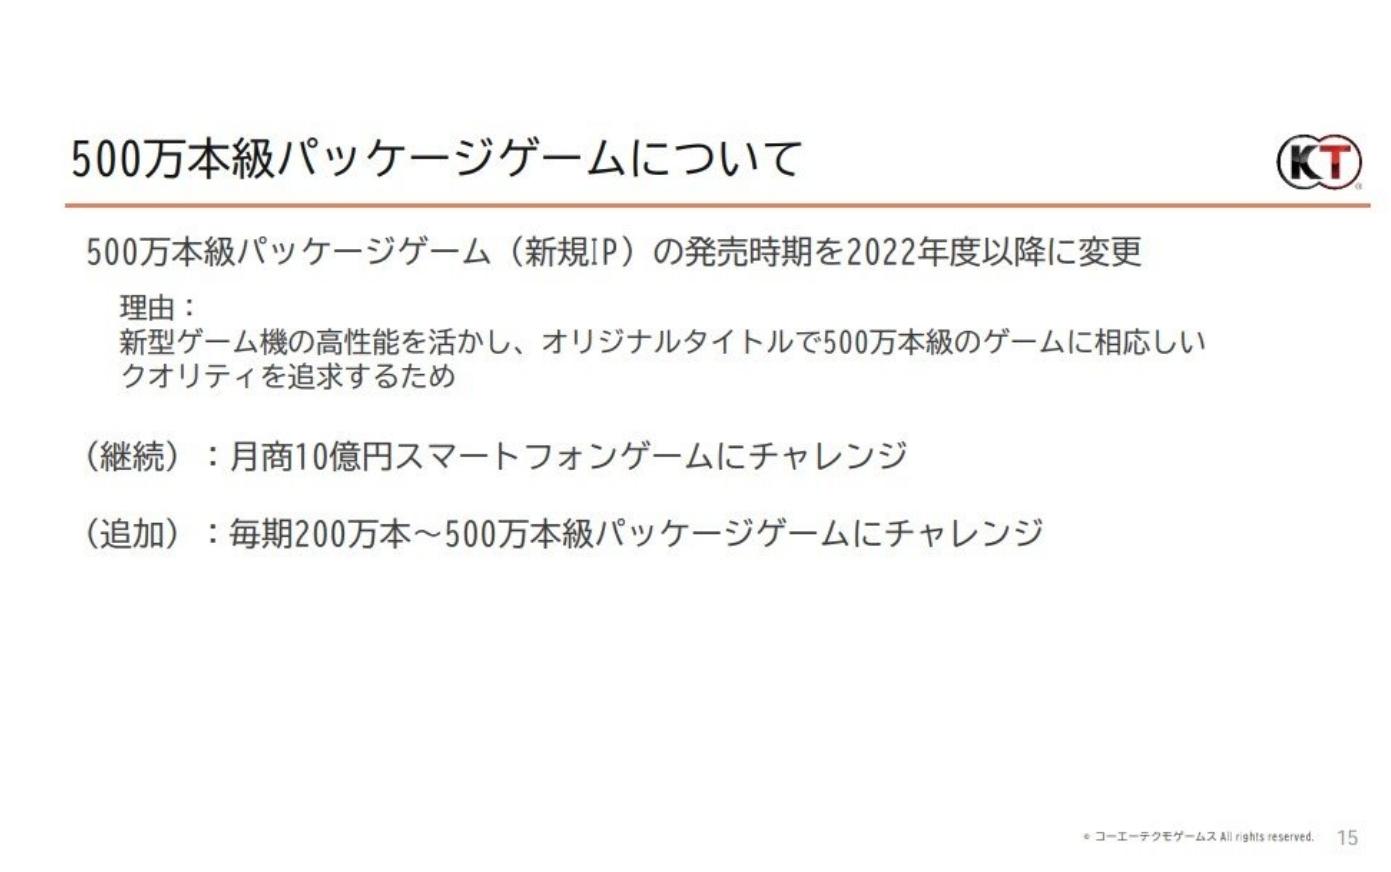 コーエーテクモ、「500万本級パッケージゲーム」の発売時期を2022年度以降に変更